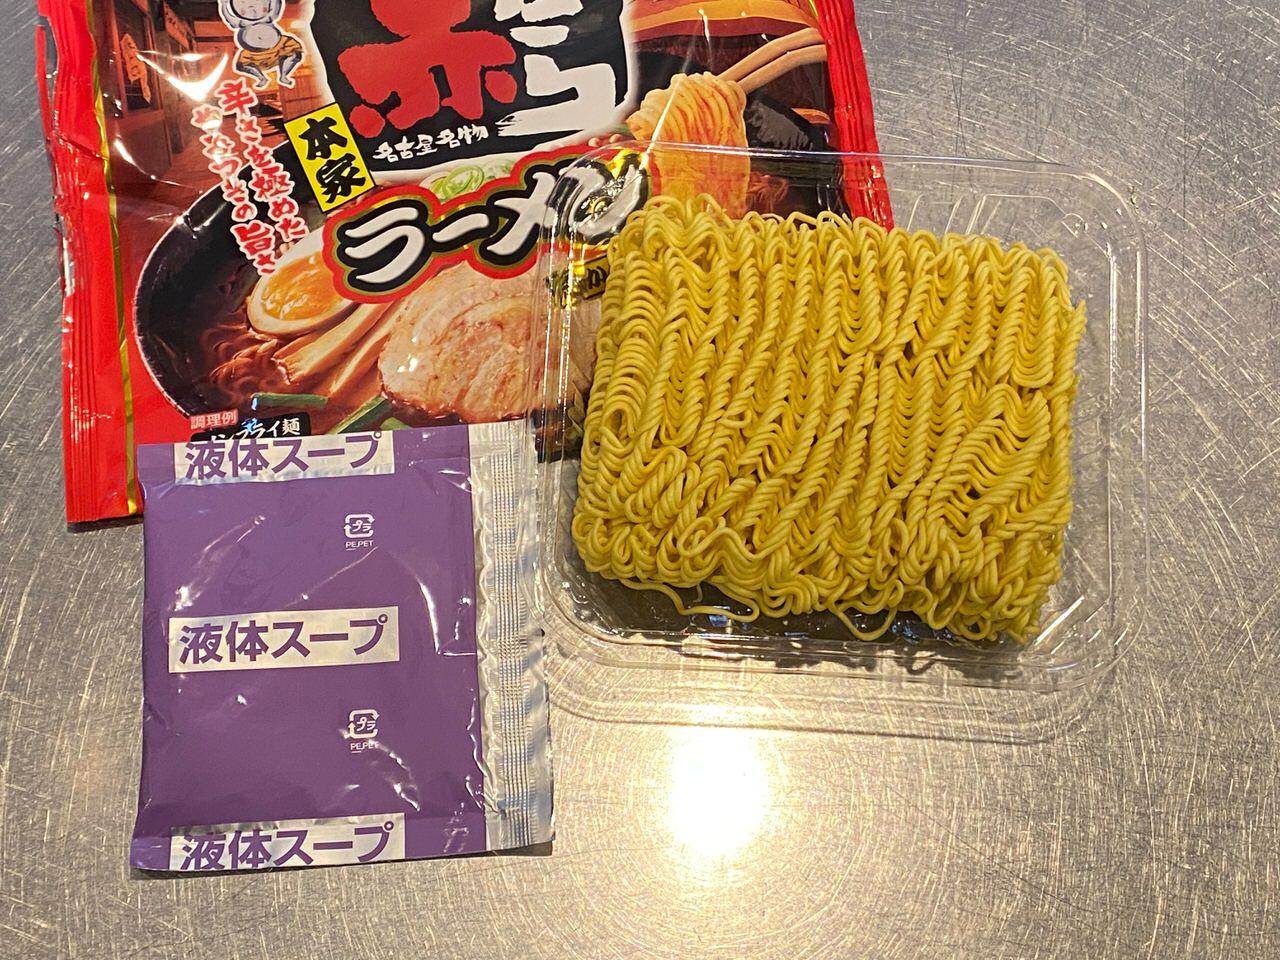 ローソンストア100で購入した寿がきやの袋麺「赤からラーメン」がこれまた絶妙に美味い 4